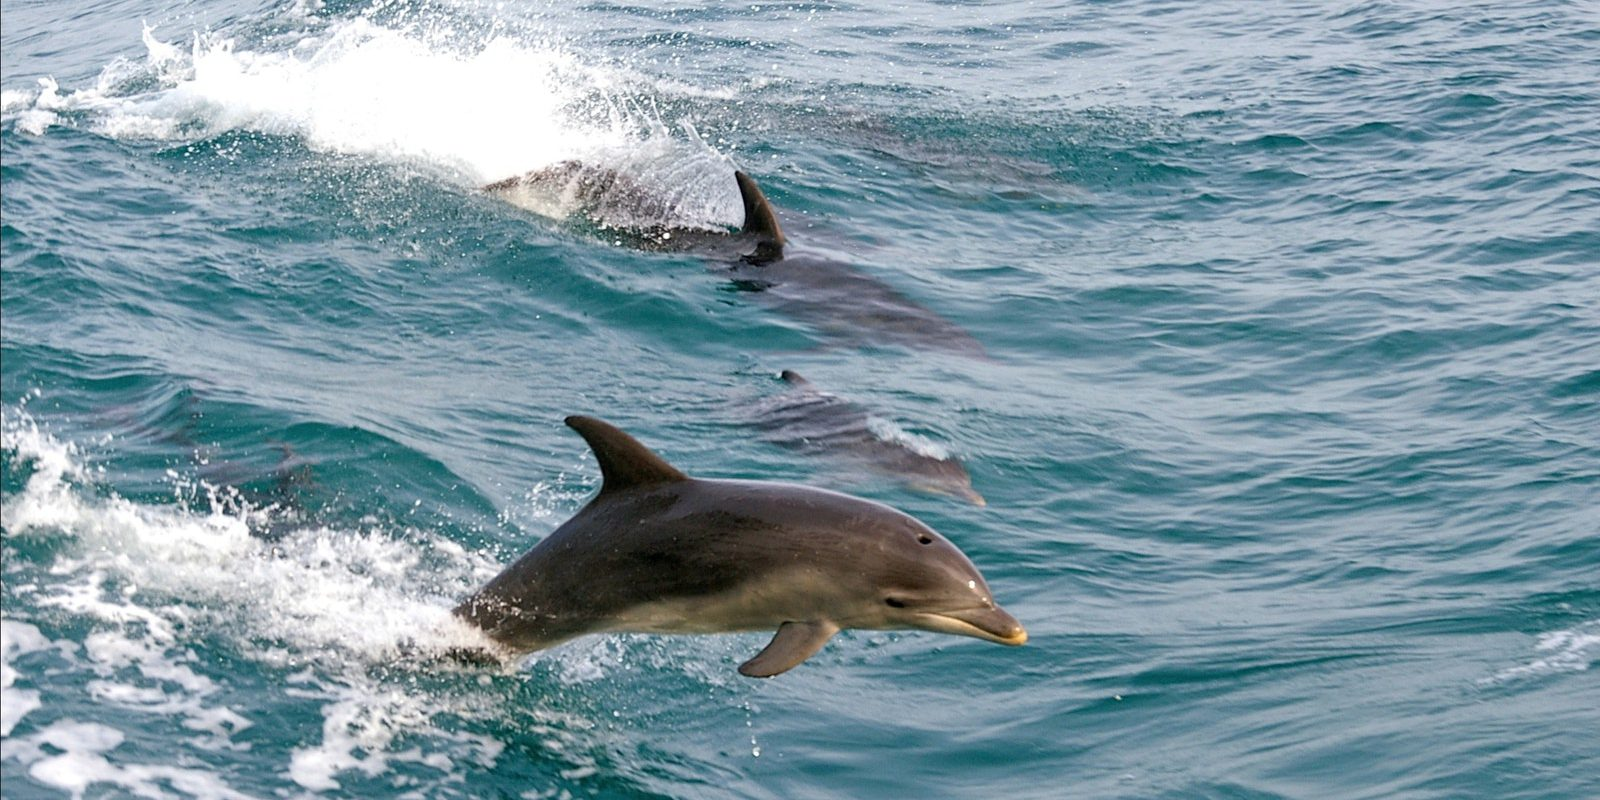 dolphins | Carmel at Sorrento